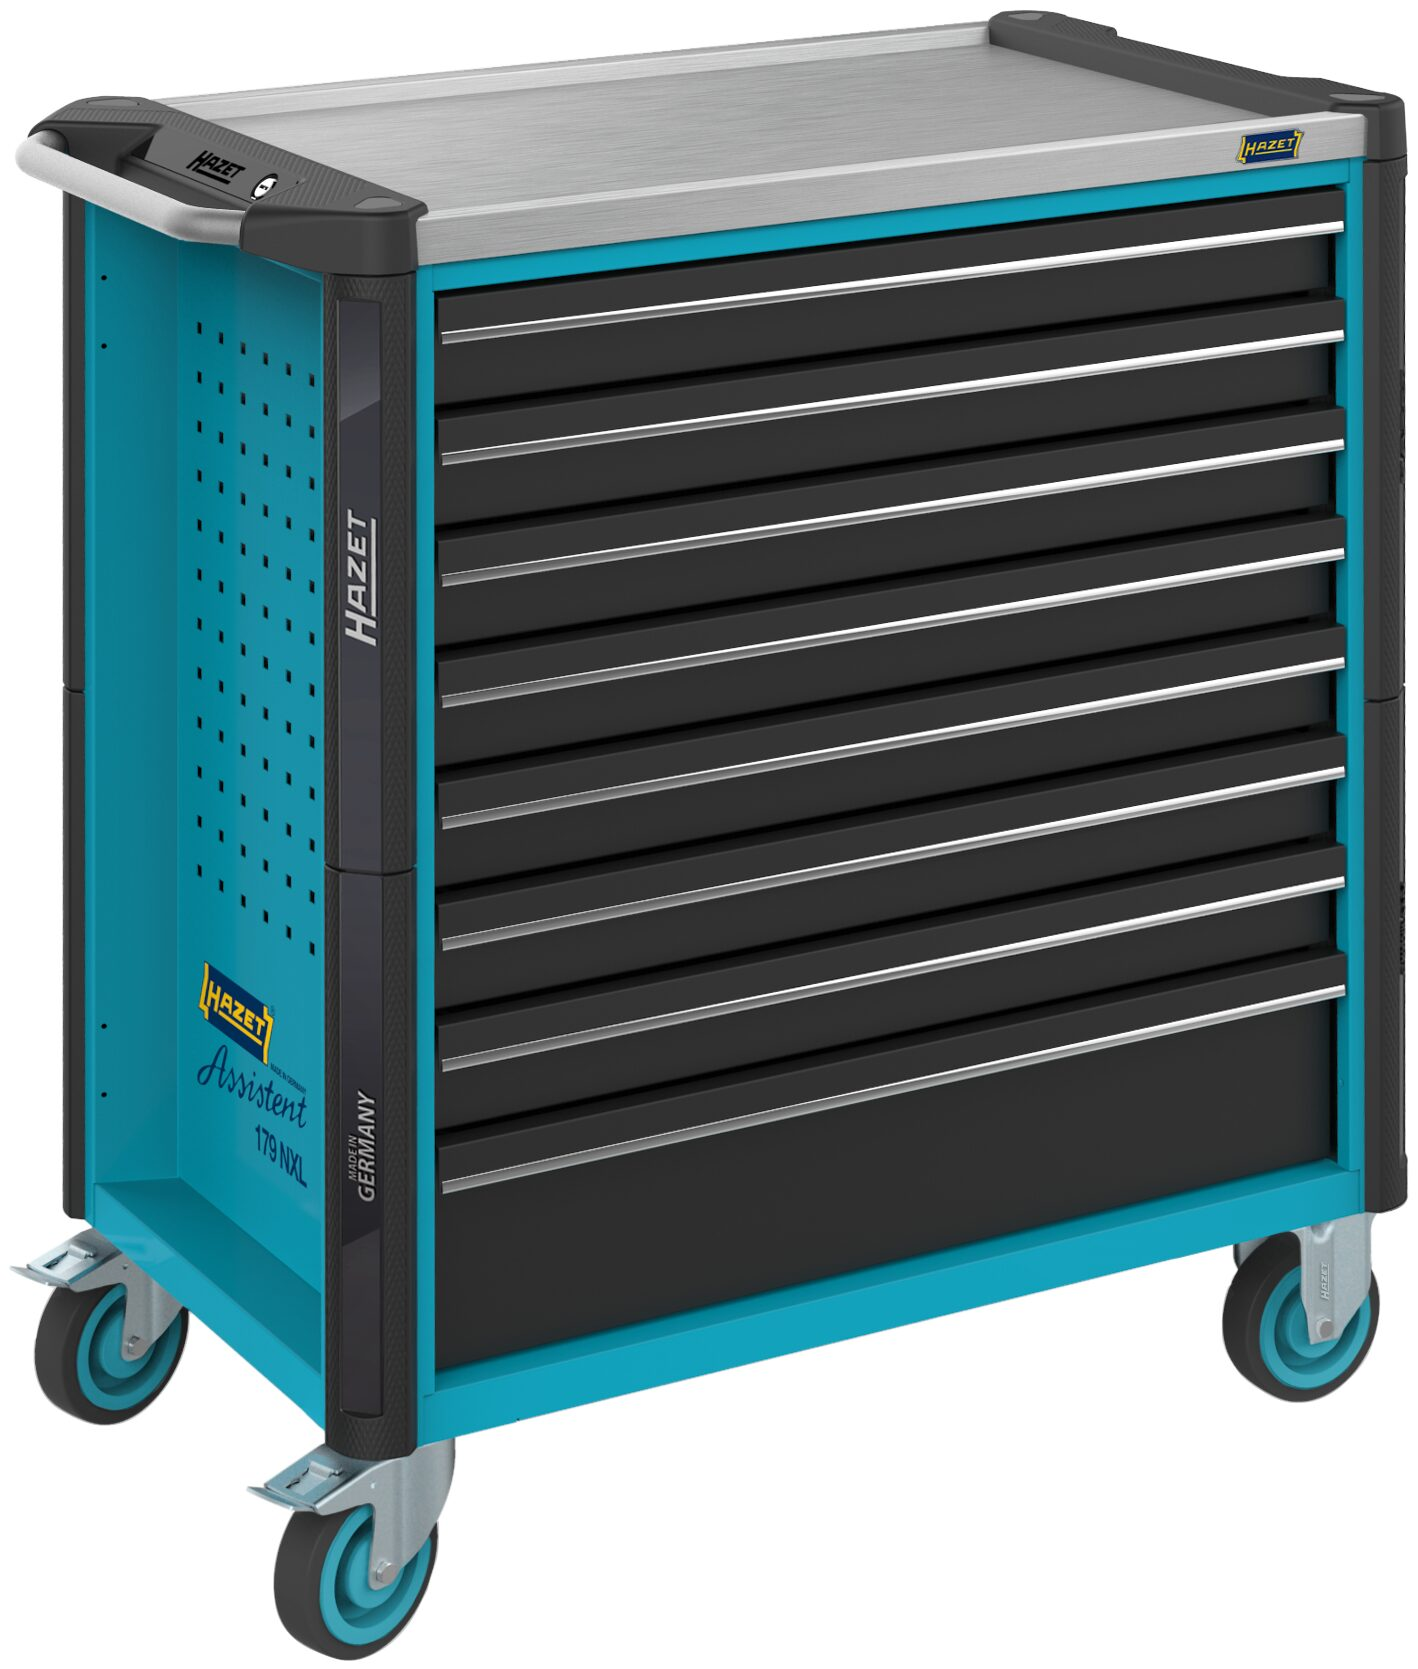 HAZET Werkstattwagen Assistent 179NXL-8 ∙ Schubladen, flach: 7x 81x696x398 mm